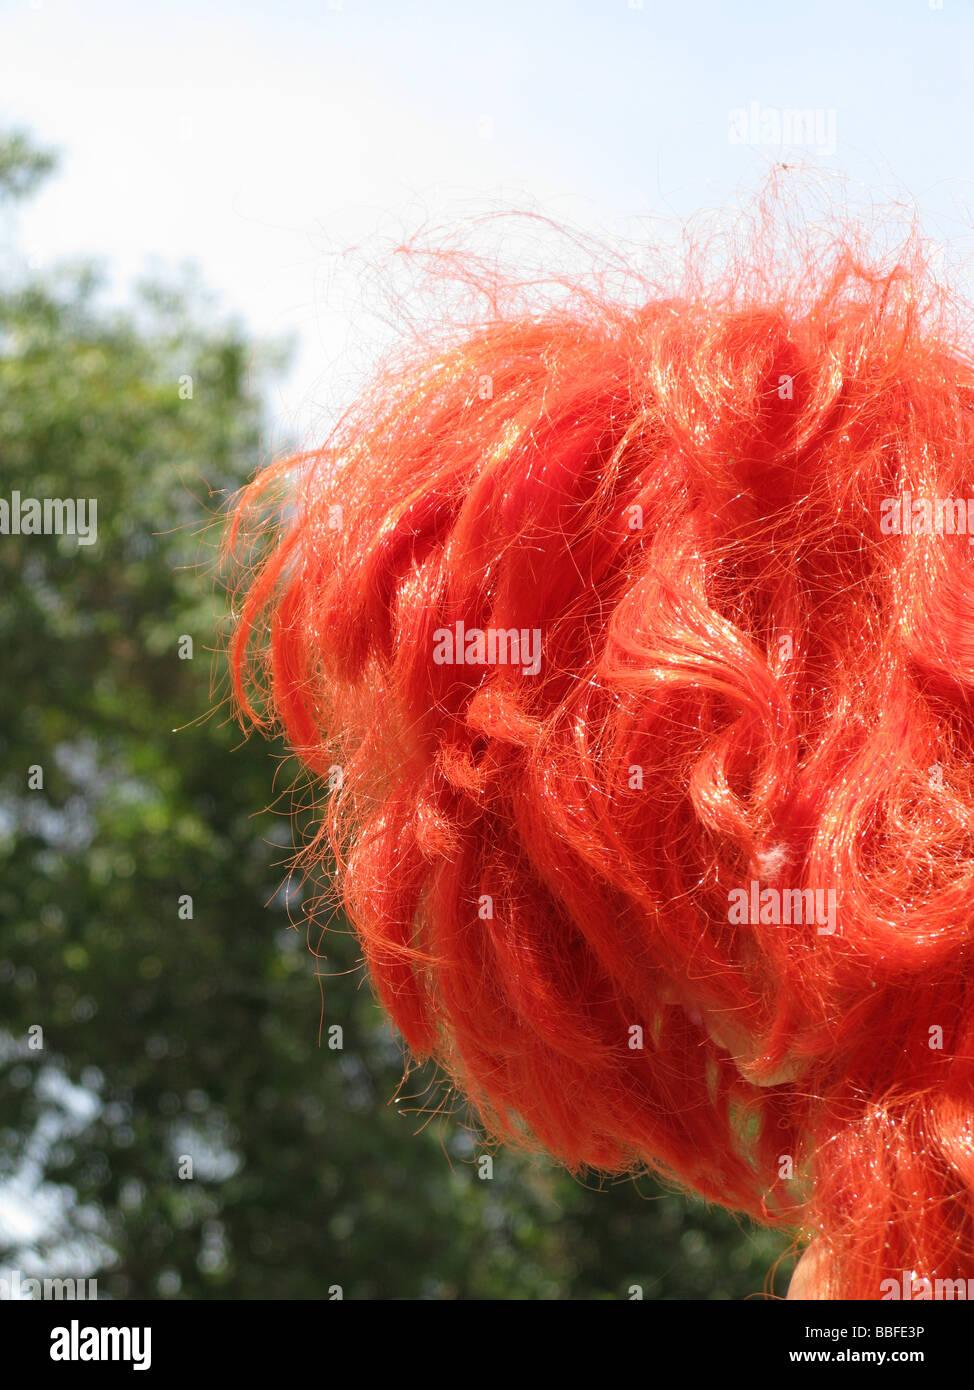 Poupée fille avec des cheveux rouge vif dans la ville Plan de la ville Photo Stock